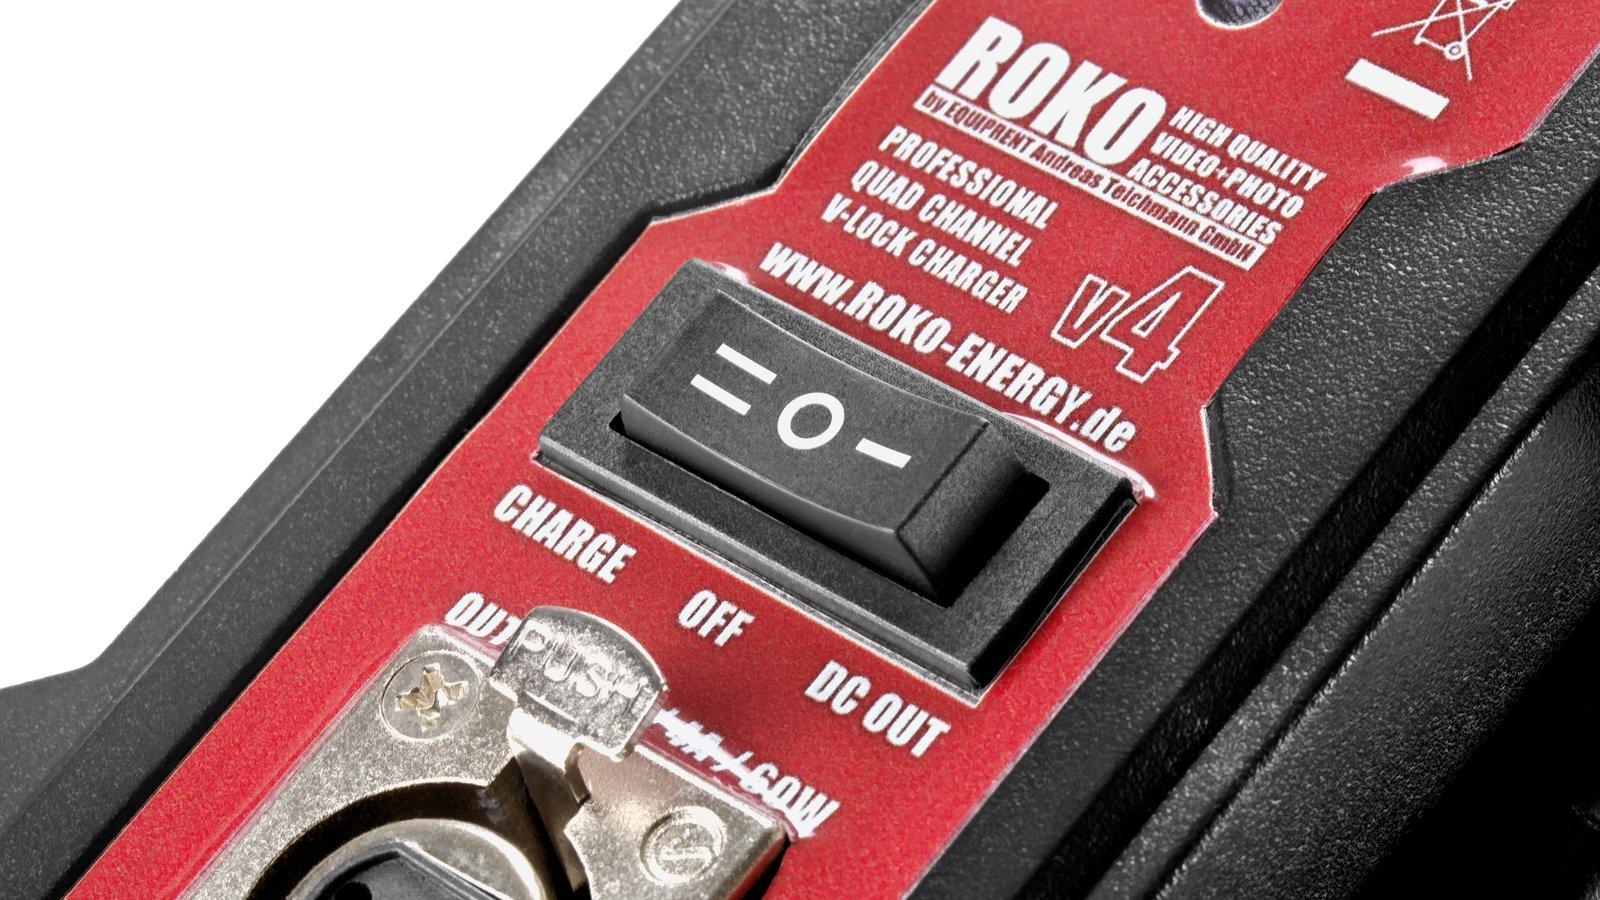 ROKO v4 Ladegerät Front mit Umschalter zwischen Ladefunktion und Netzteil.